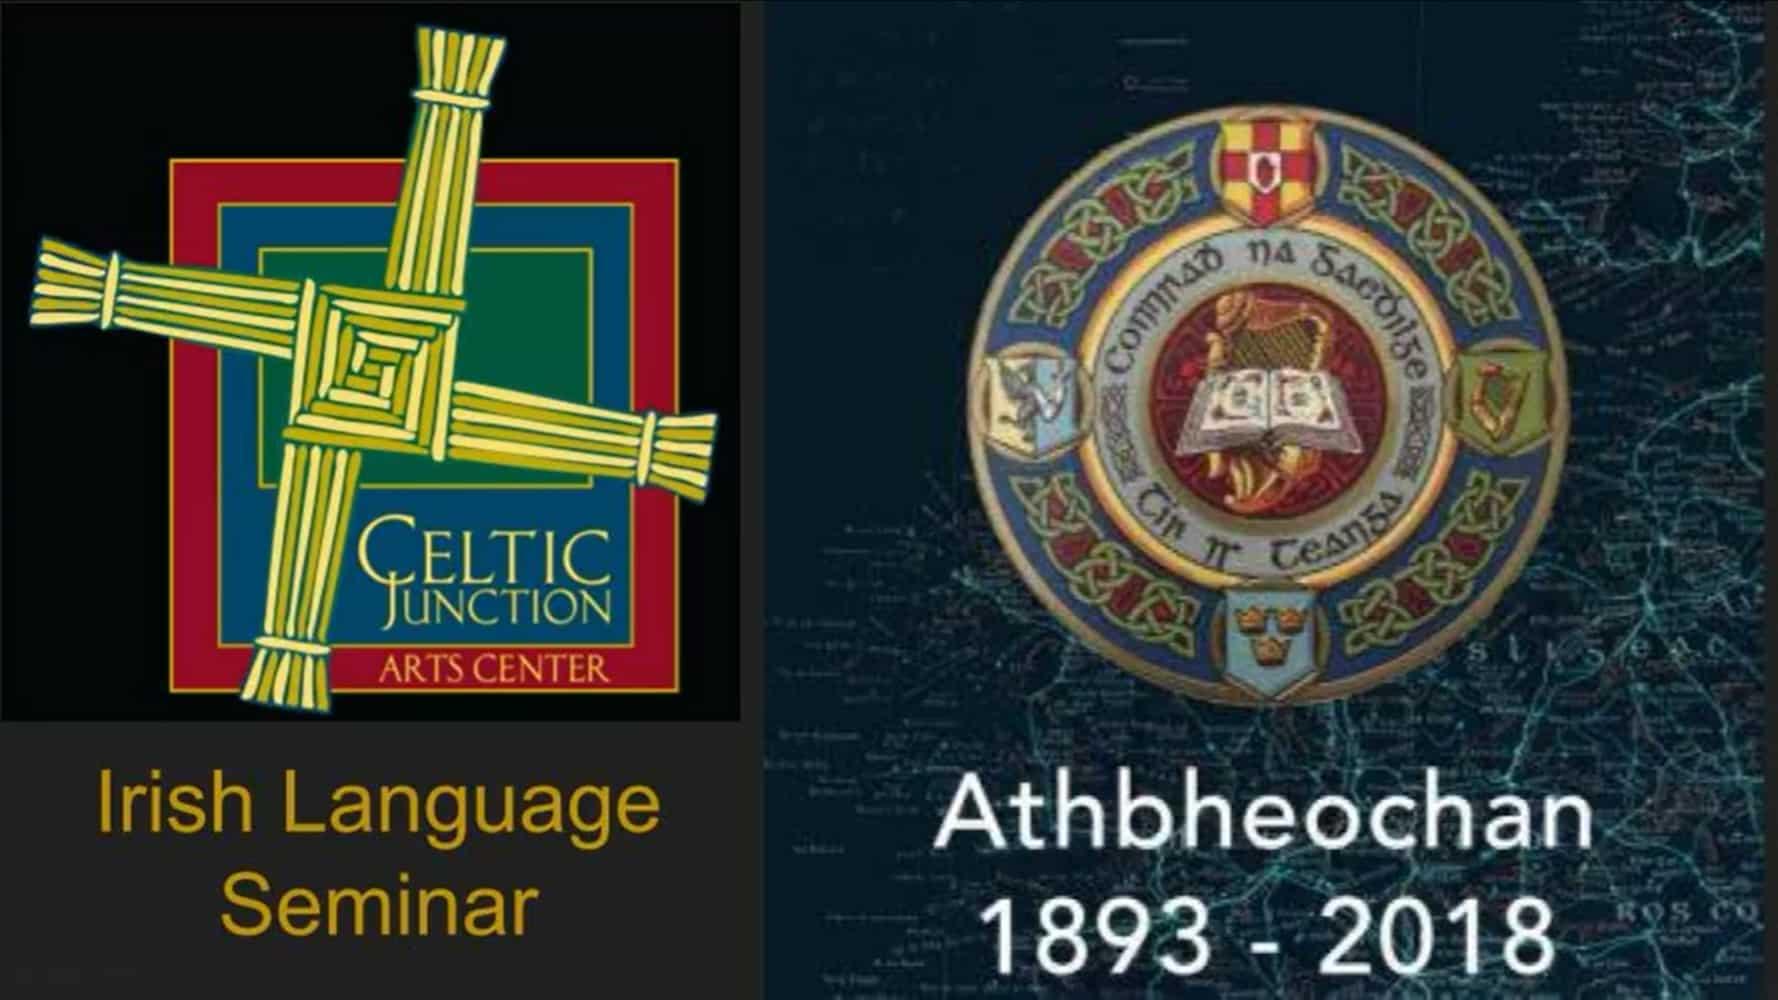 Irish Language Seminar promo image